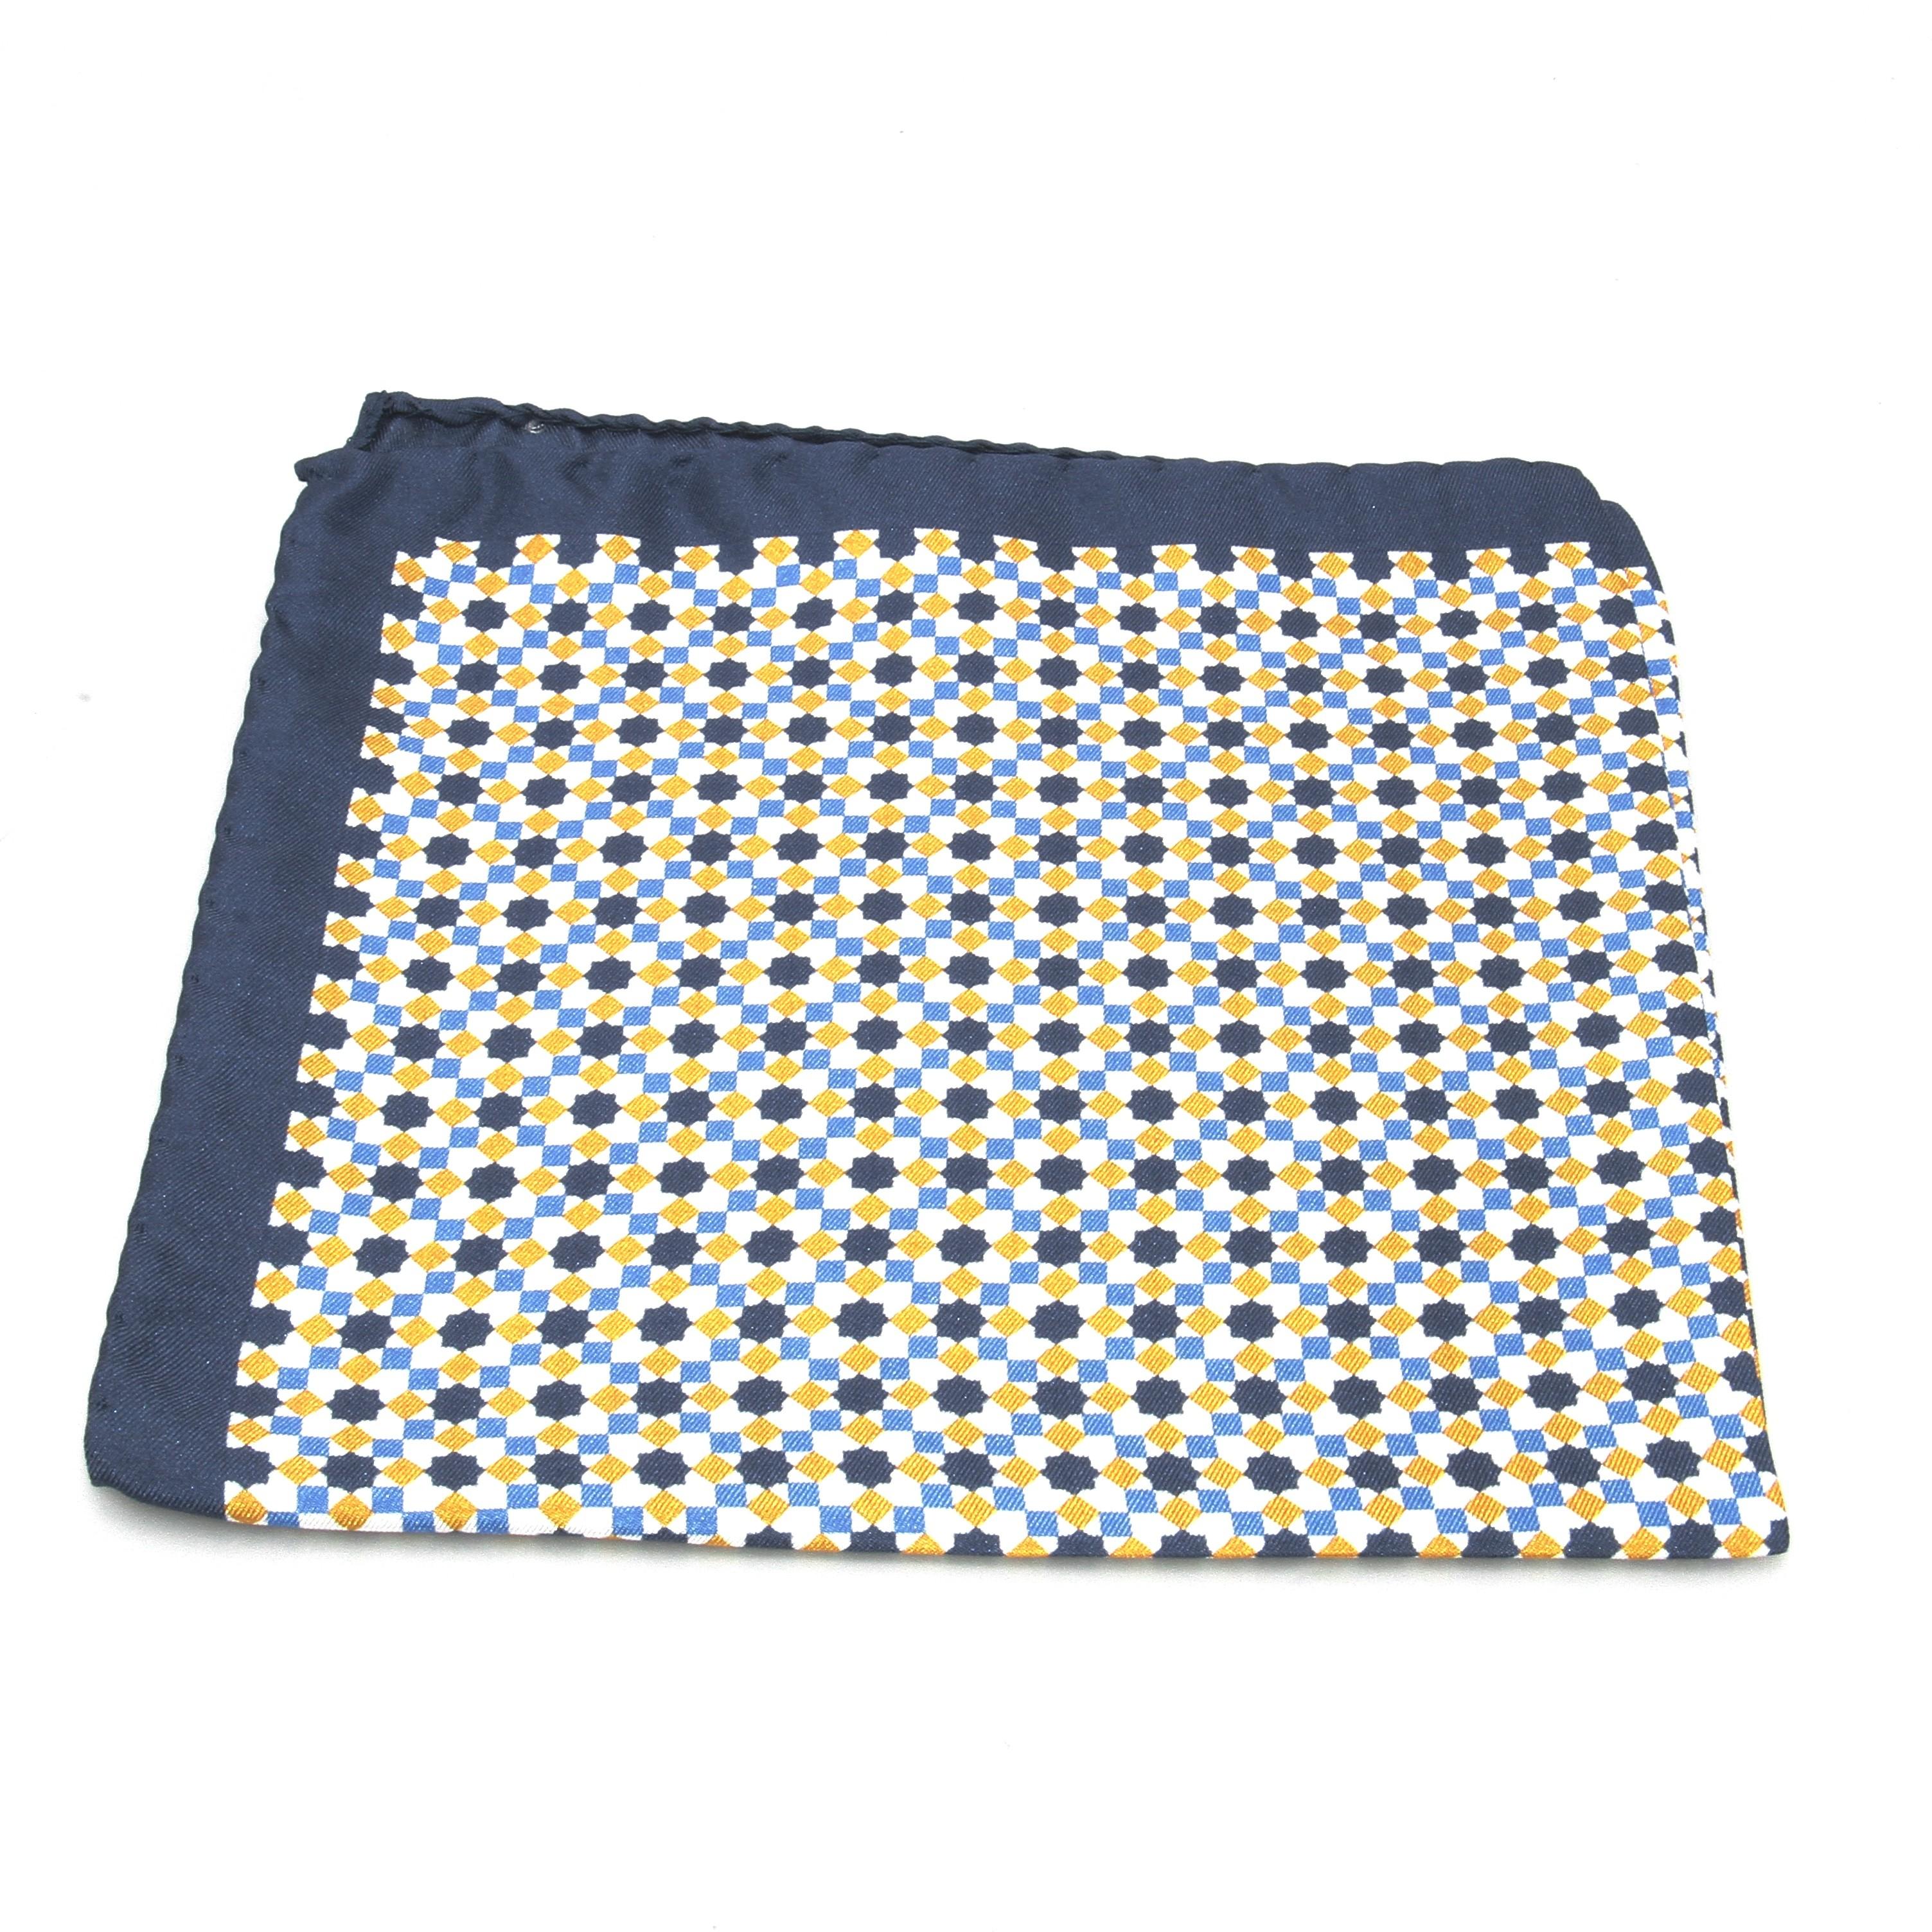 Pochette Soie : Motifs jaunes bleus et blancs (Pochettes)